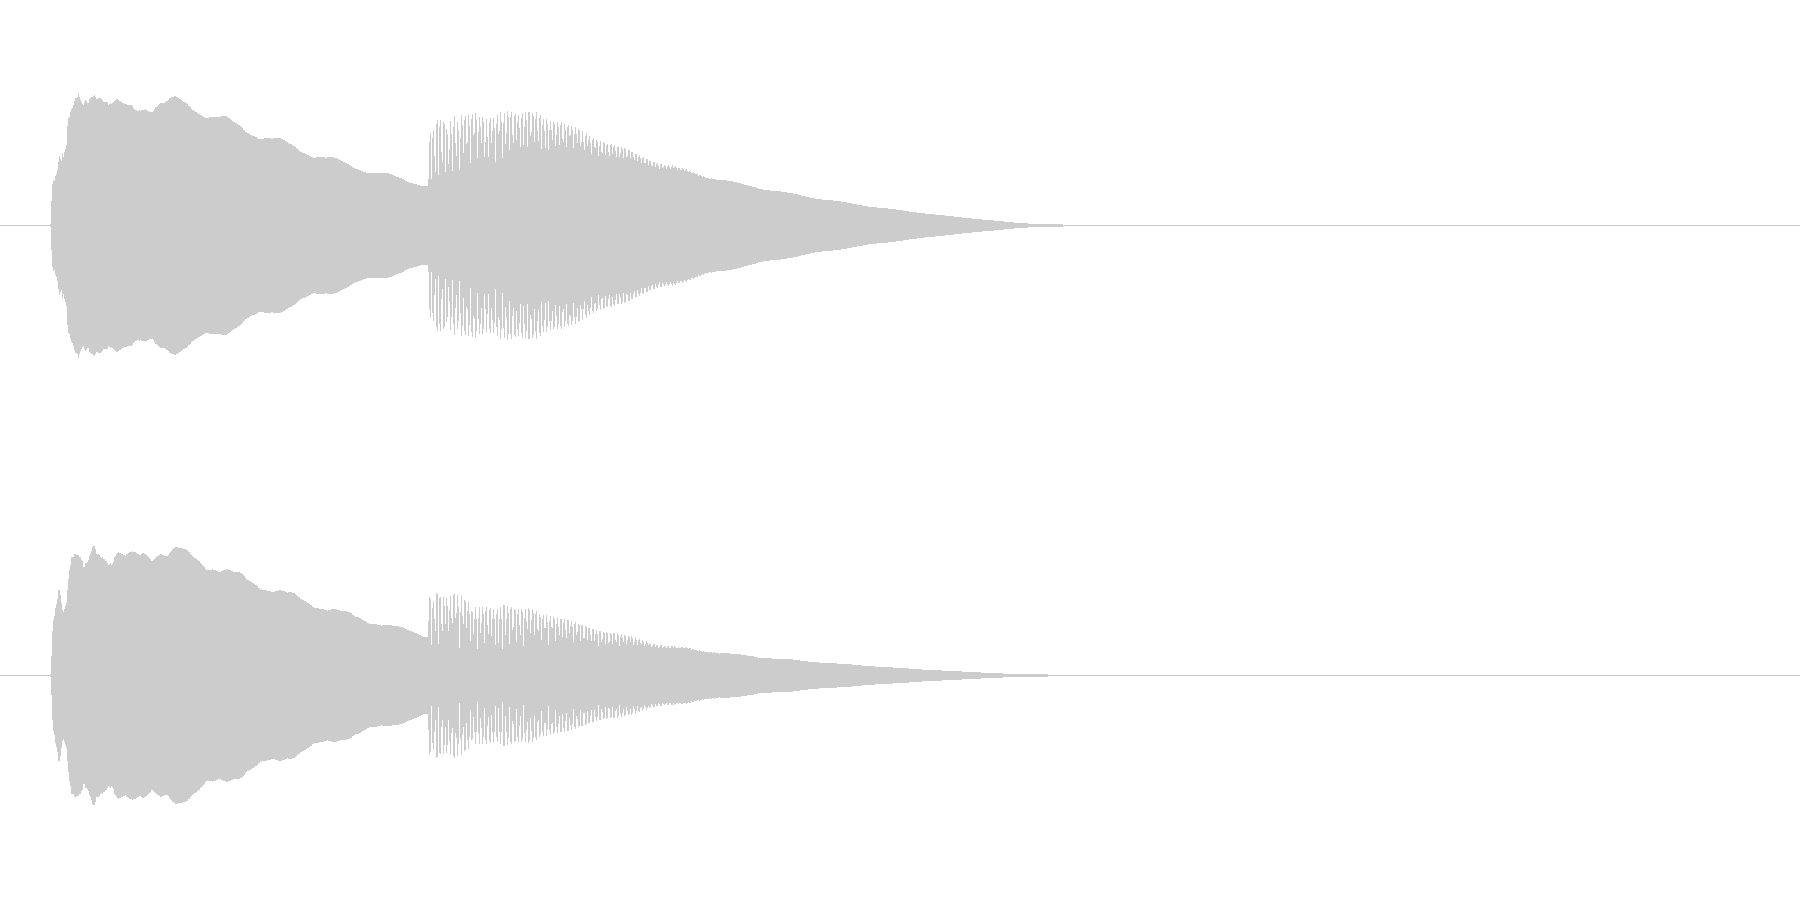 【ドアベル ピンポン01-2】の未再生の波形